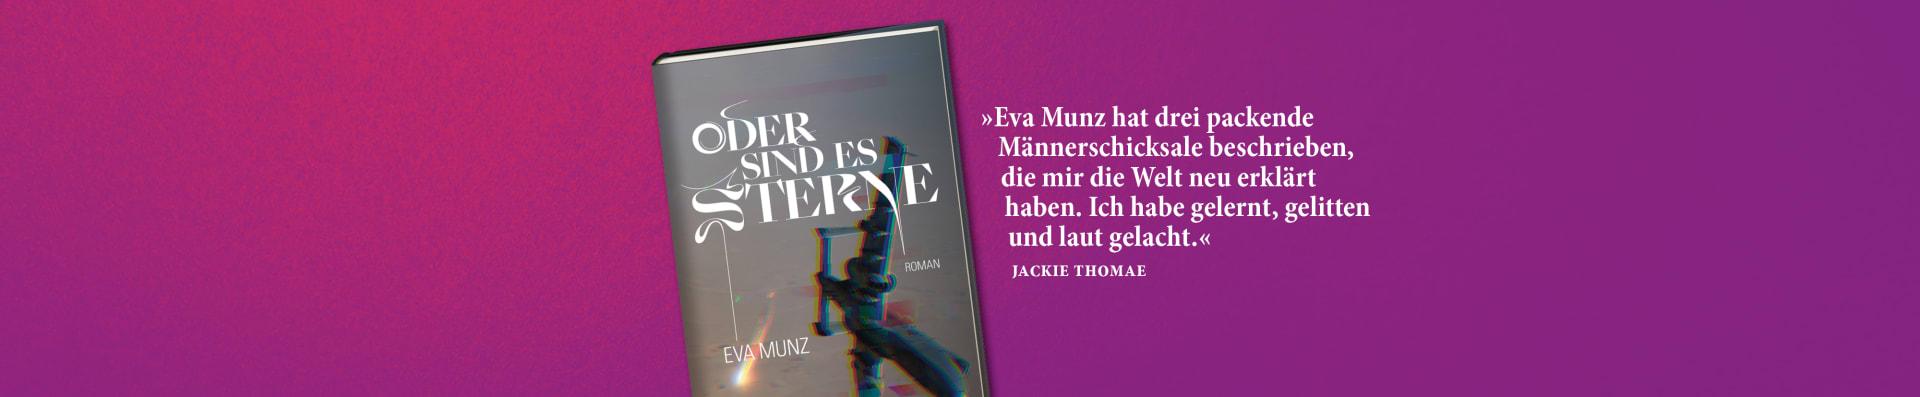 Eva Munz – Oder sind es Sterne